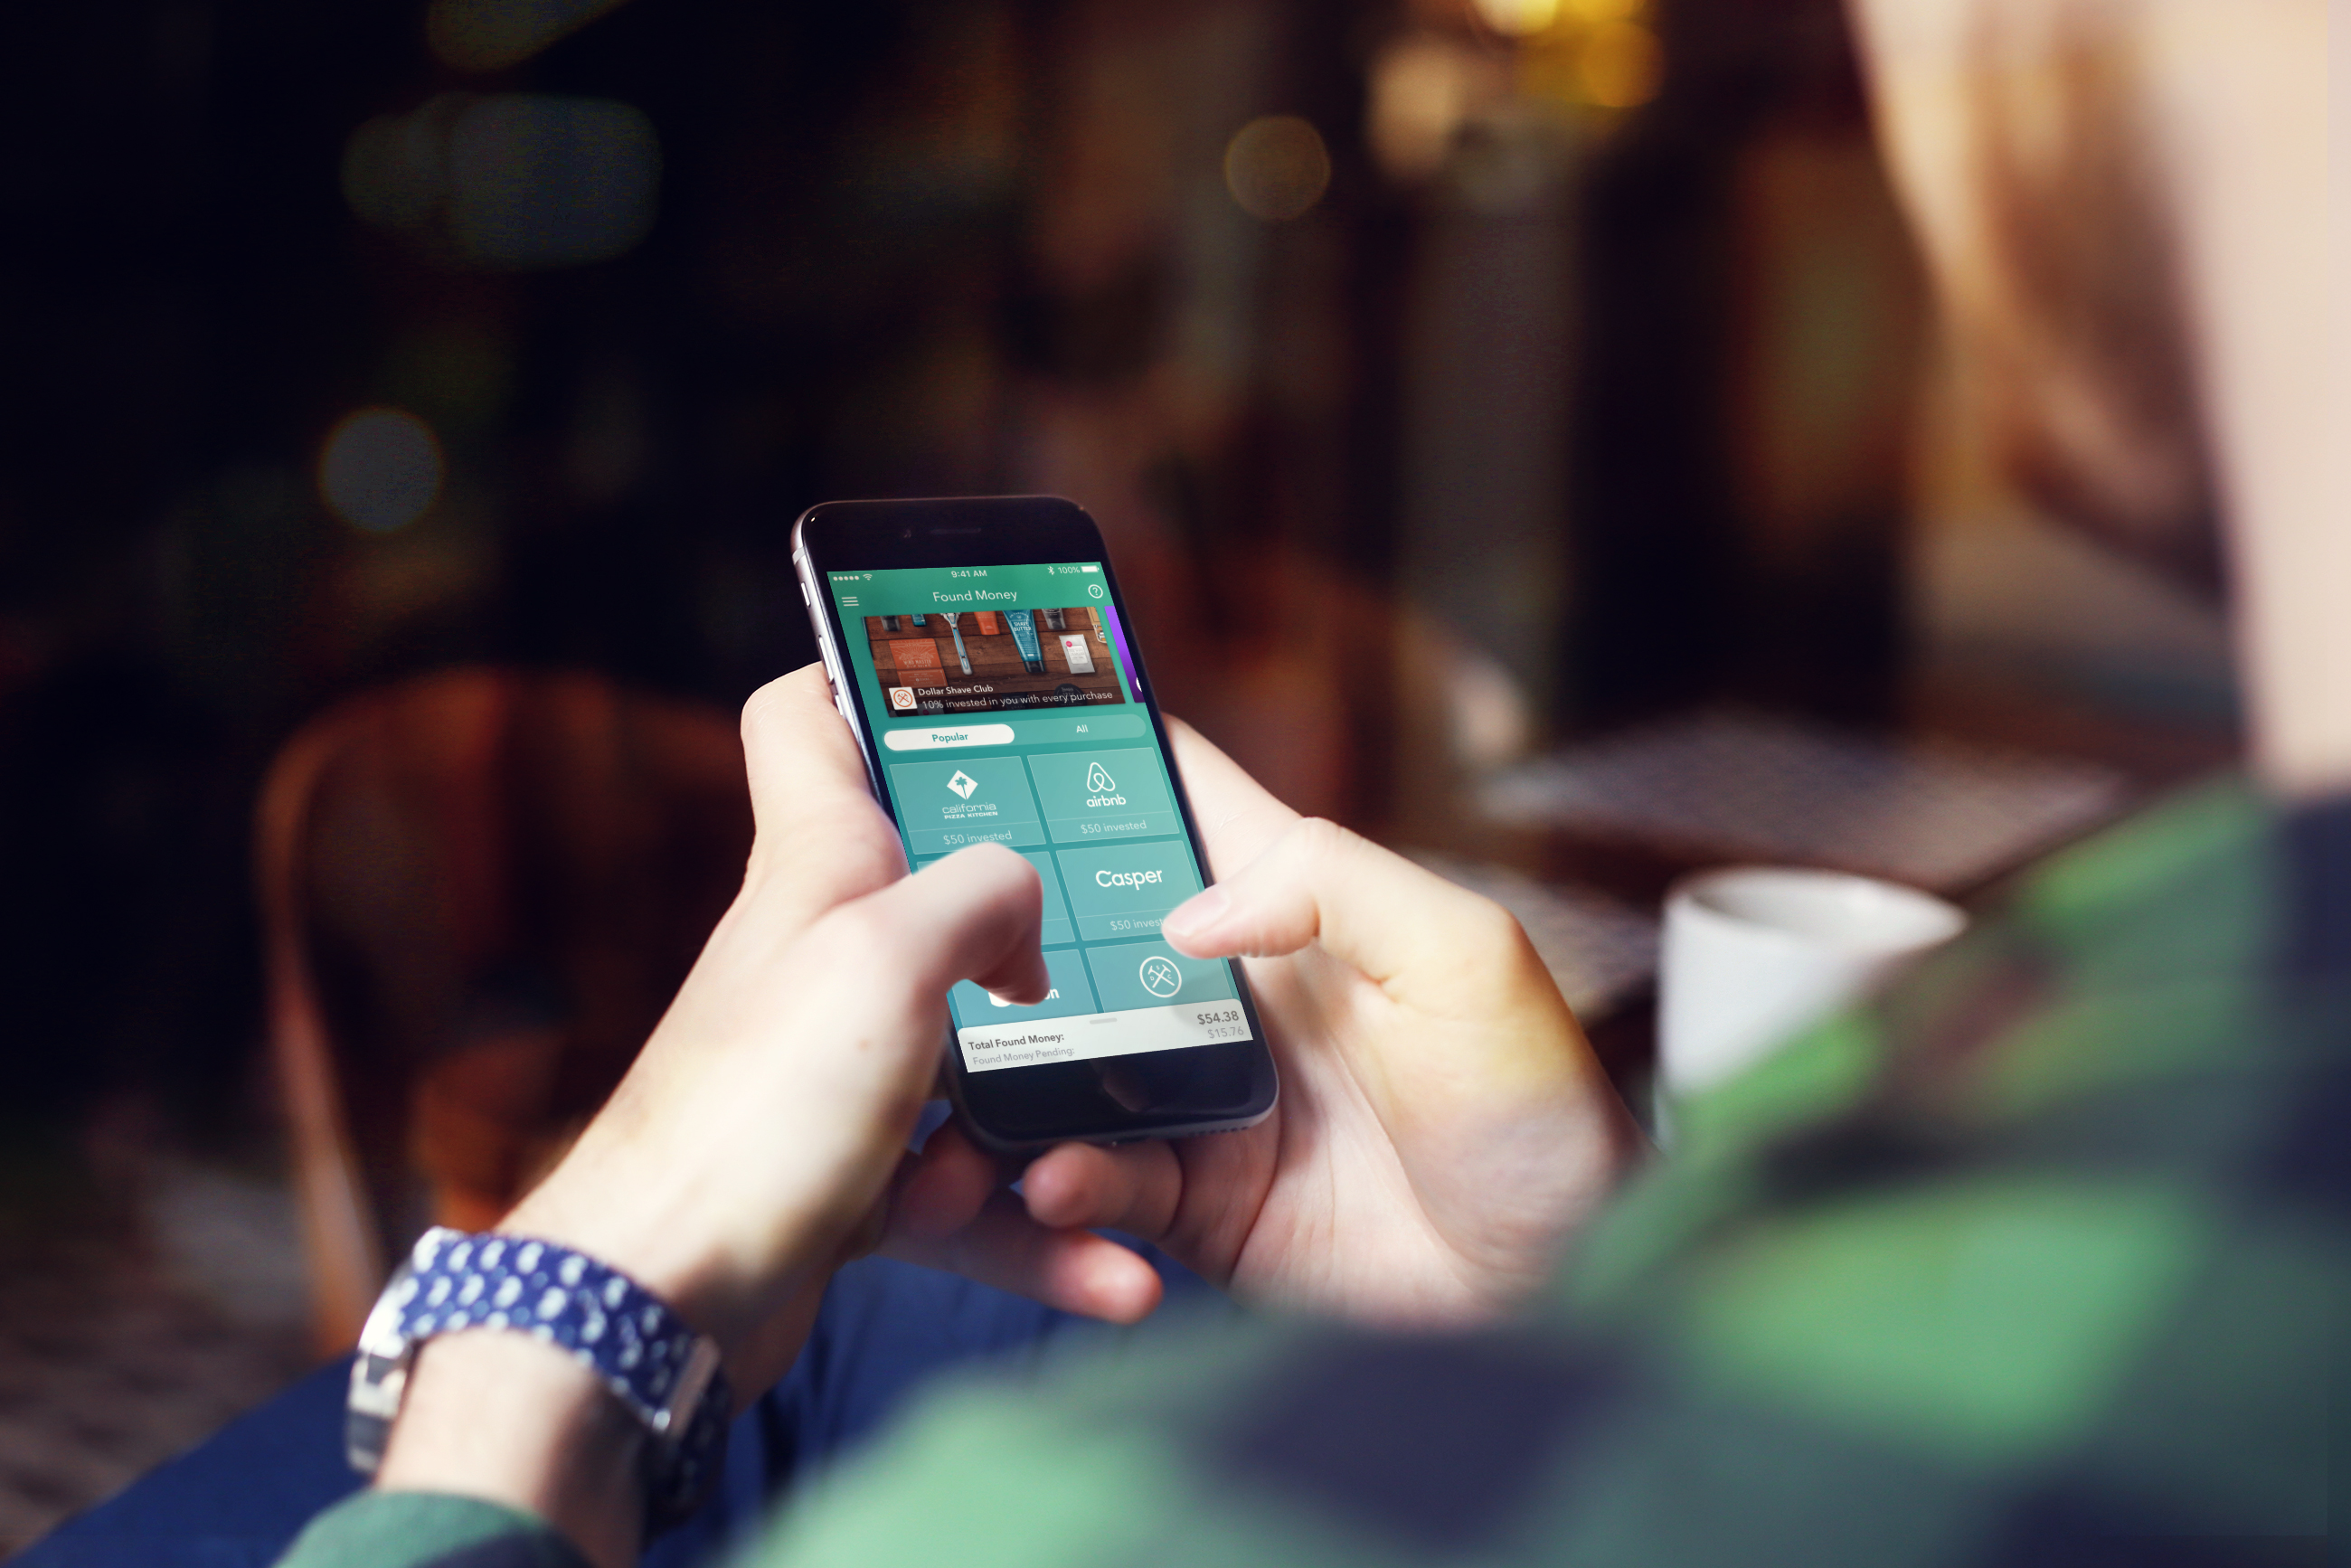 The Acorns investing app